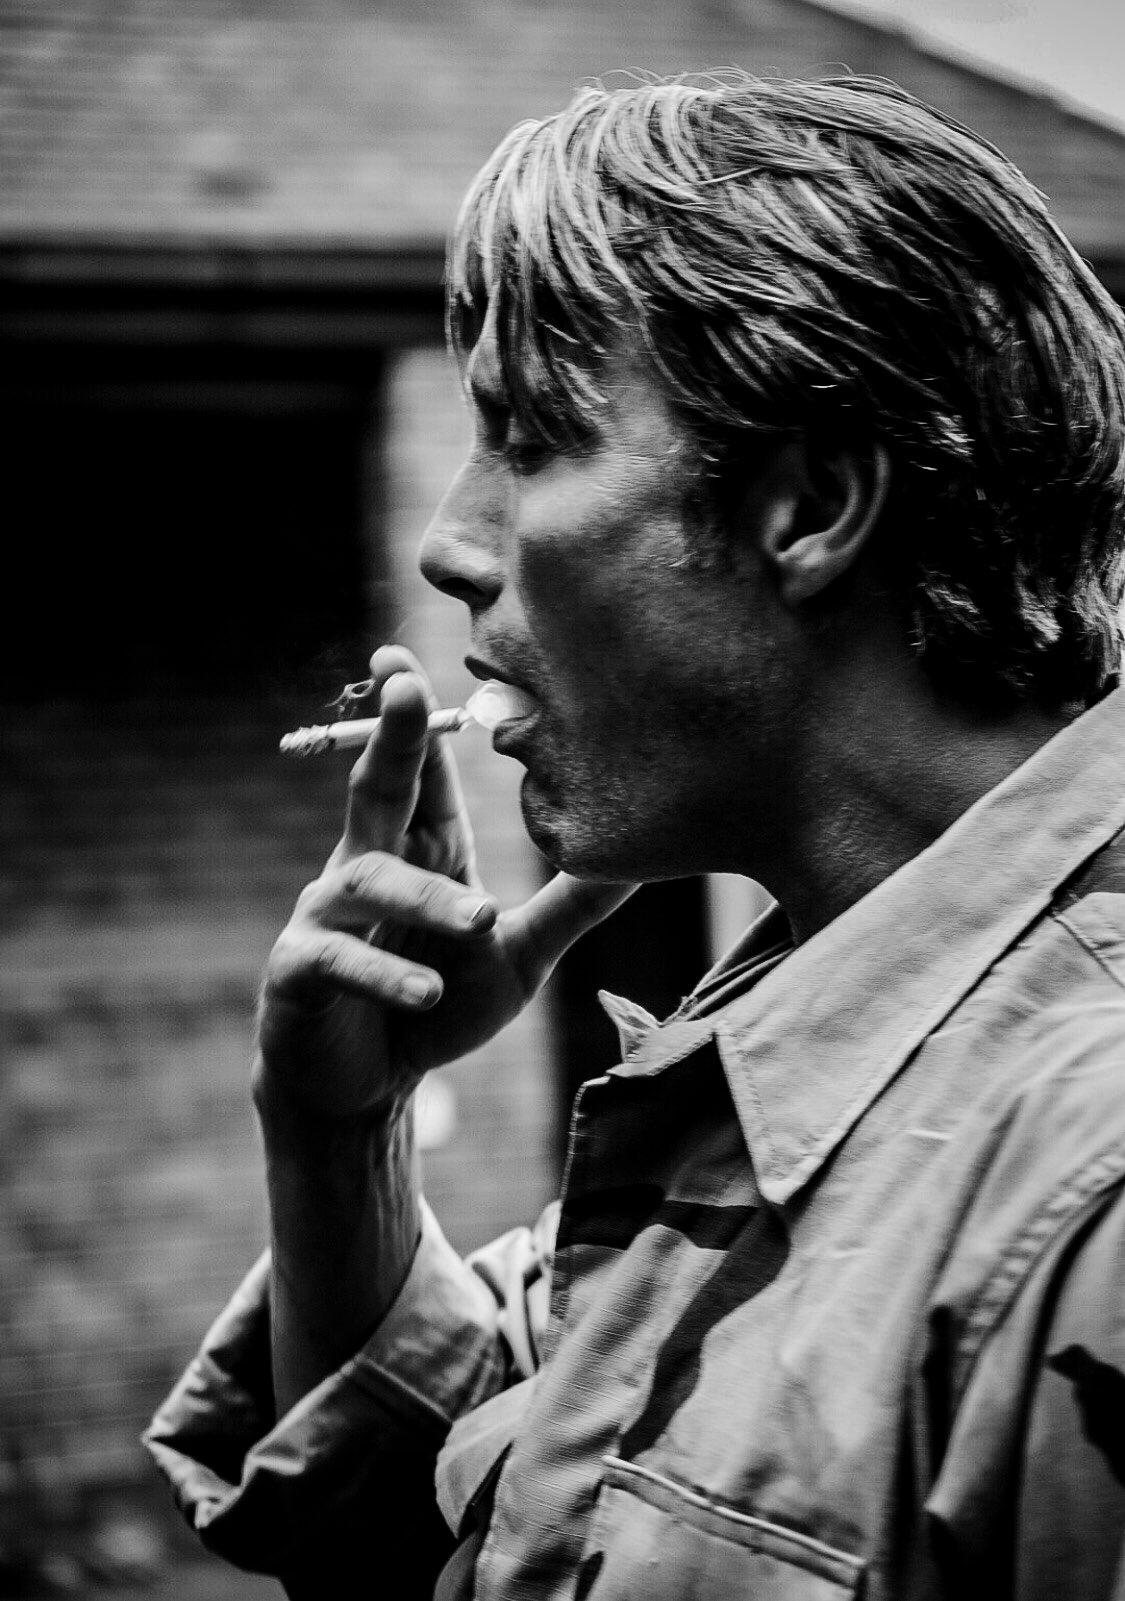 小岛:被拔叔吸烟的样子迷倒 干脆为他修改了人设